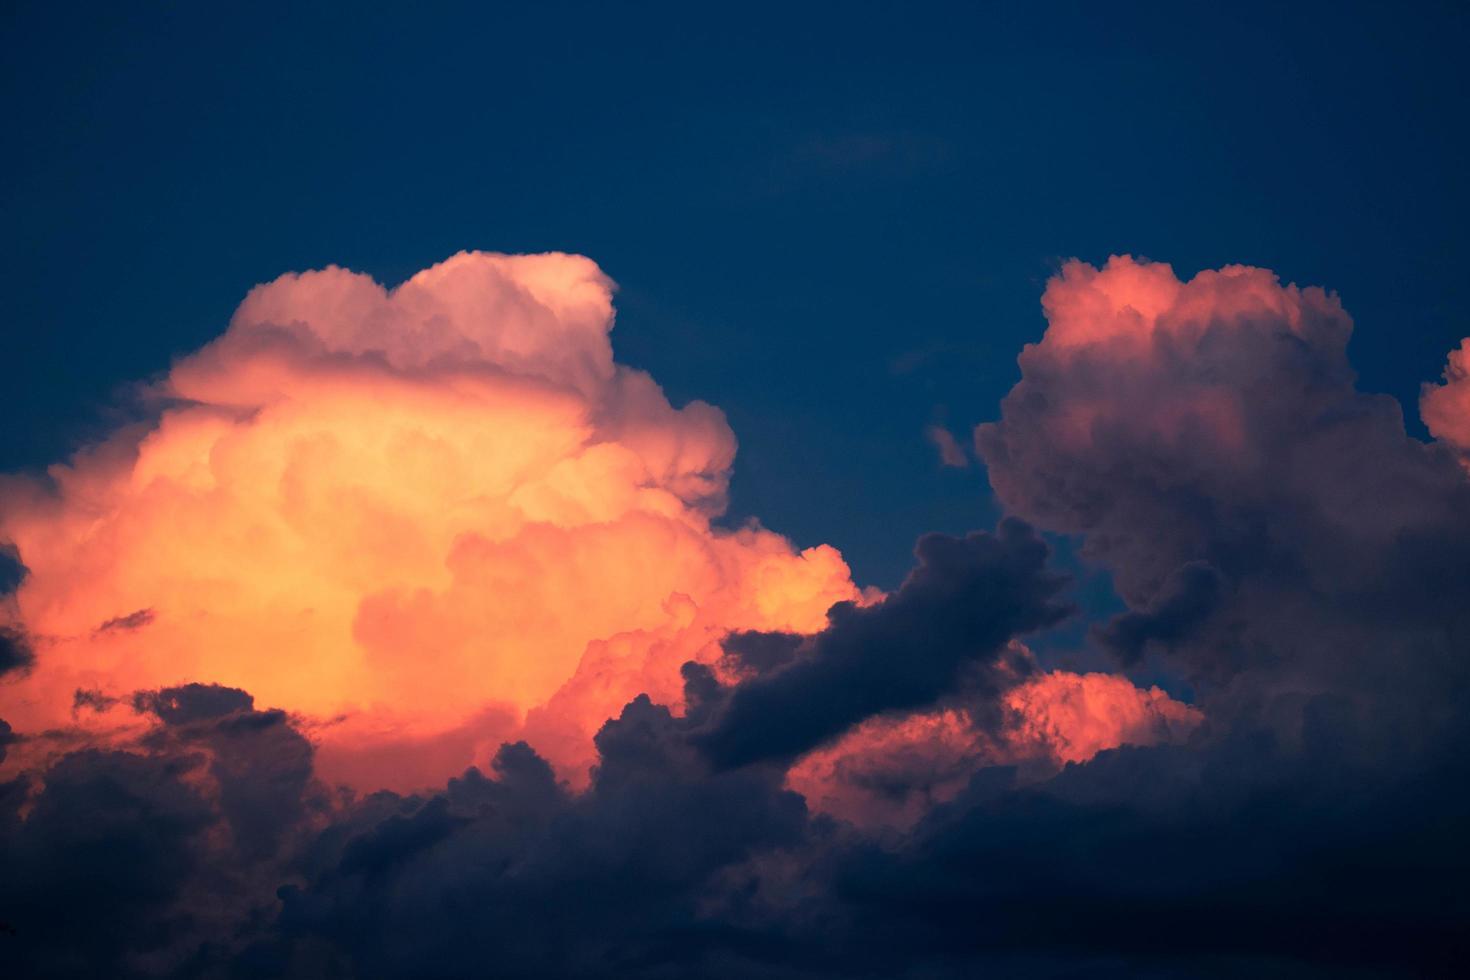 nuvens vermelhas em um céu azul escuro foto